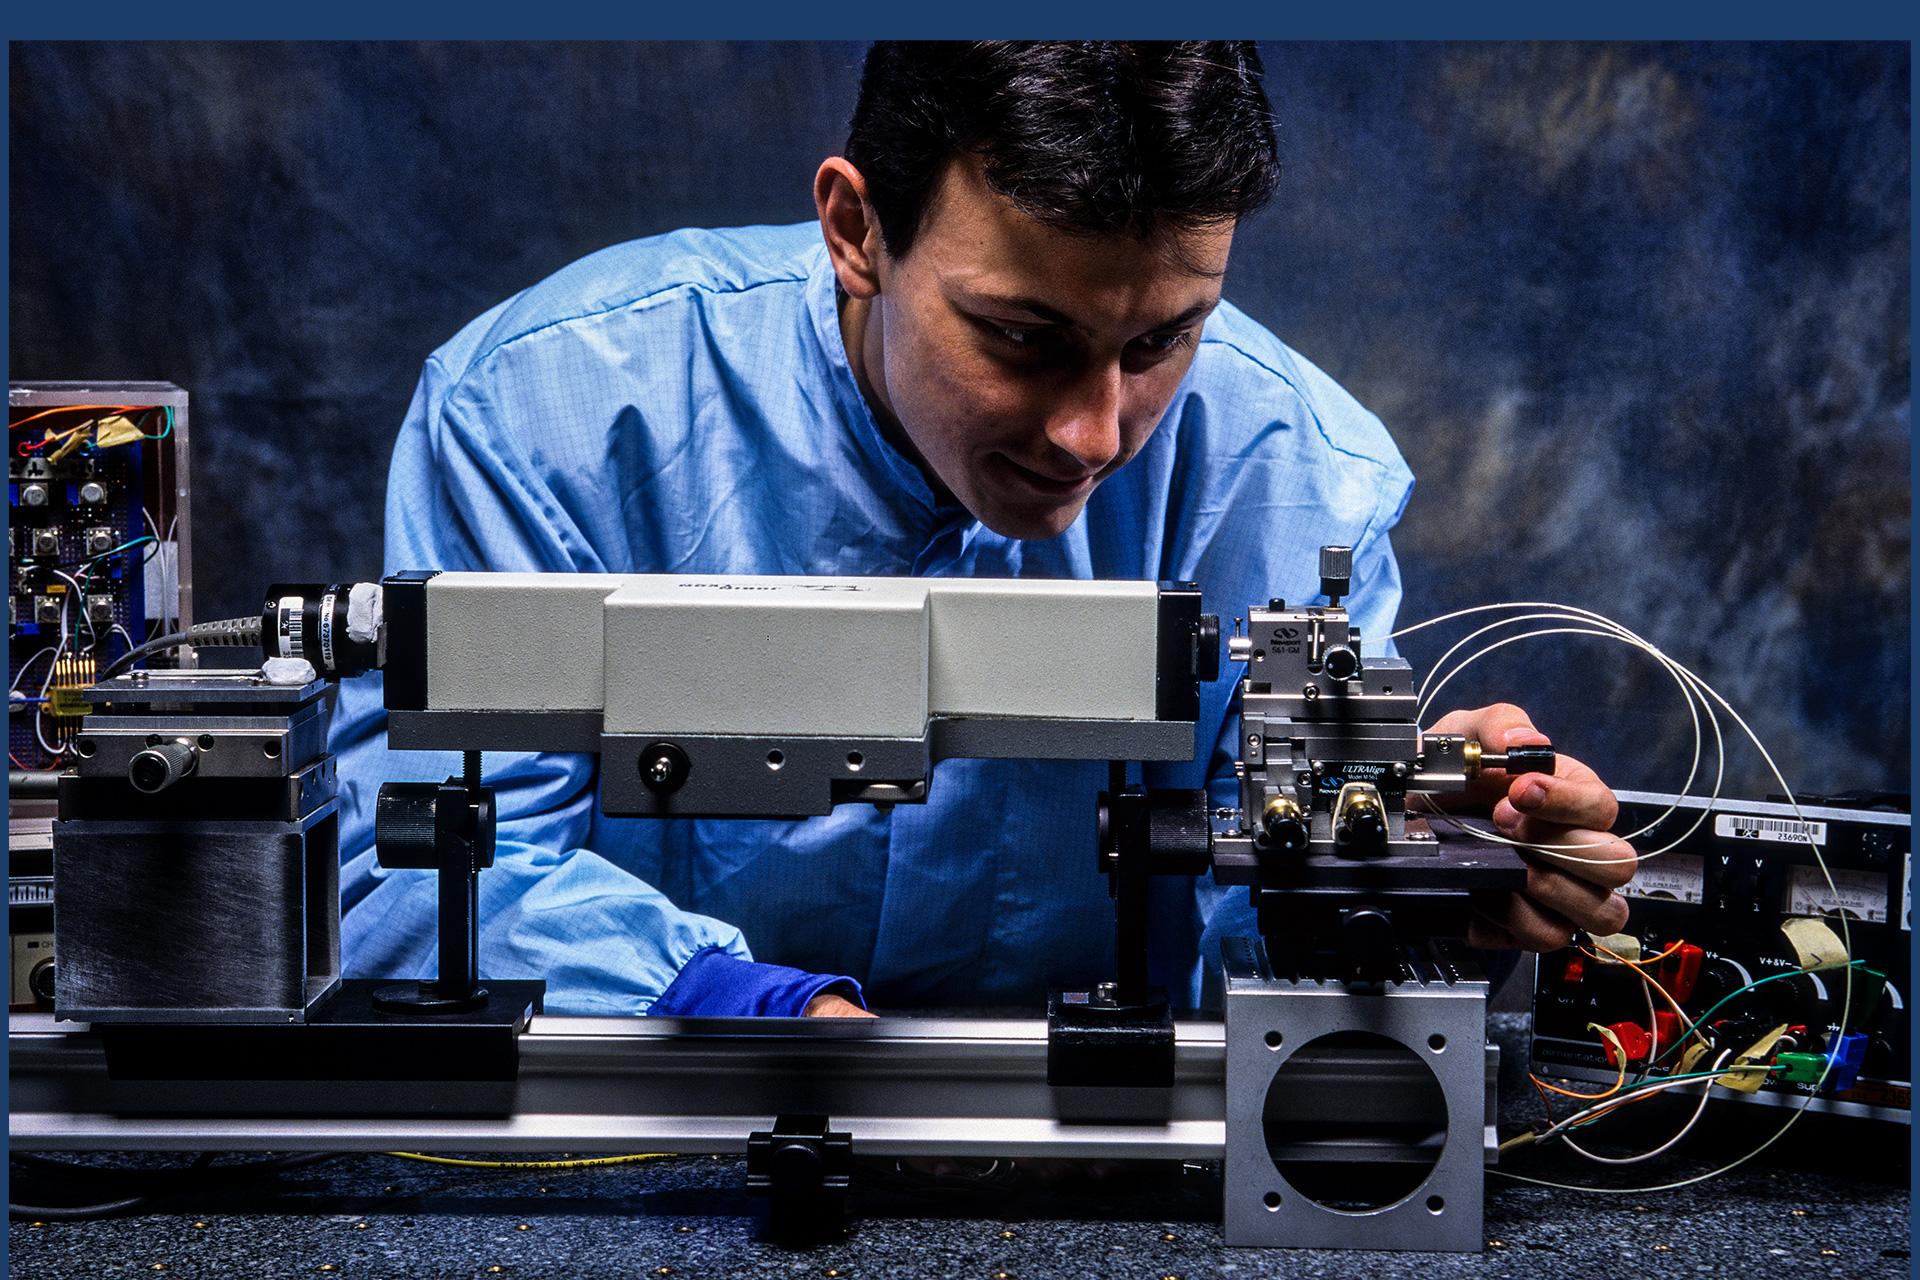 Reportage sur l'ajustement de fibres optiques chez Dassault